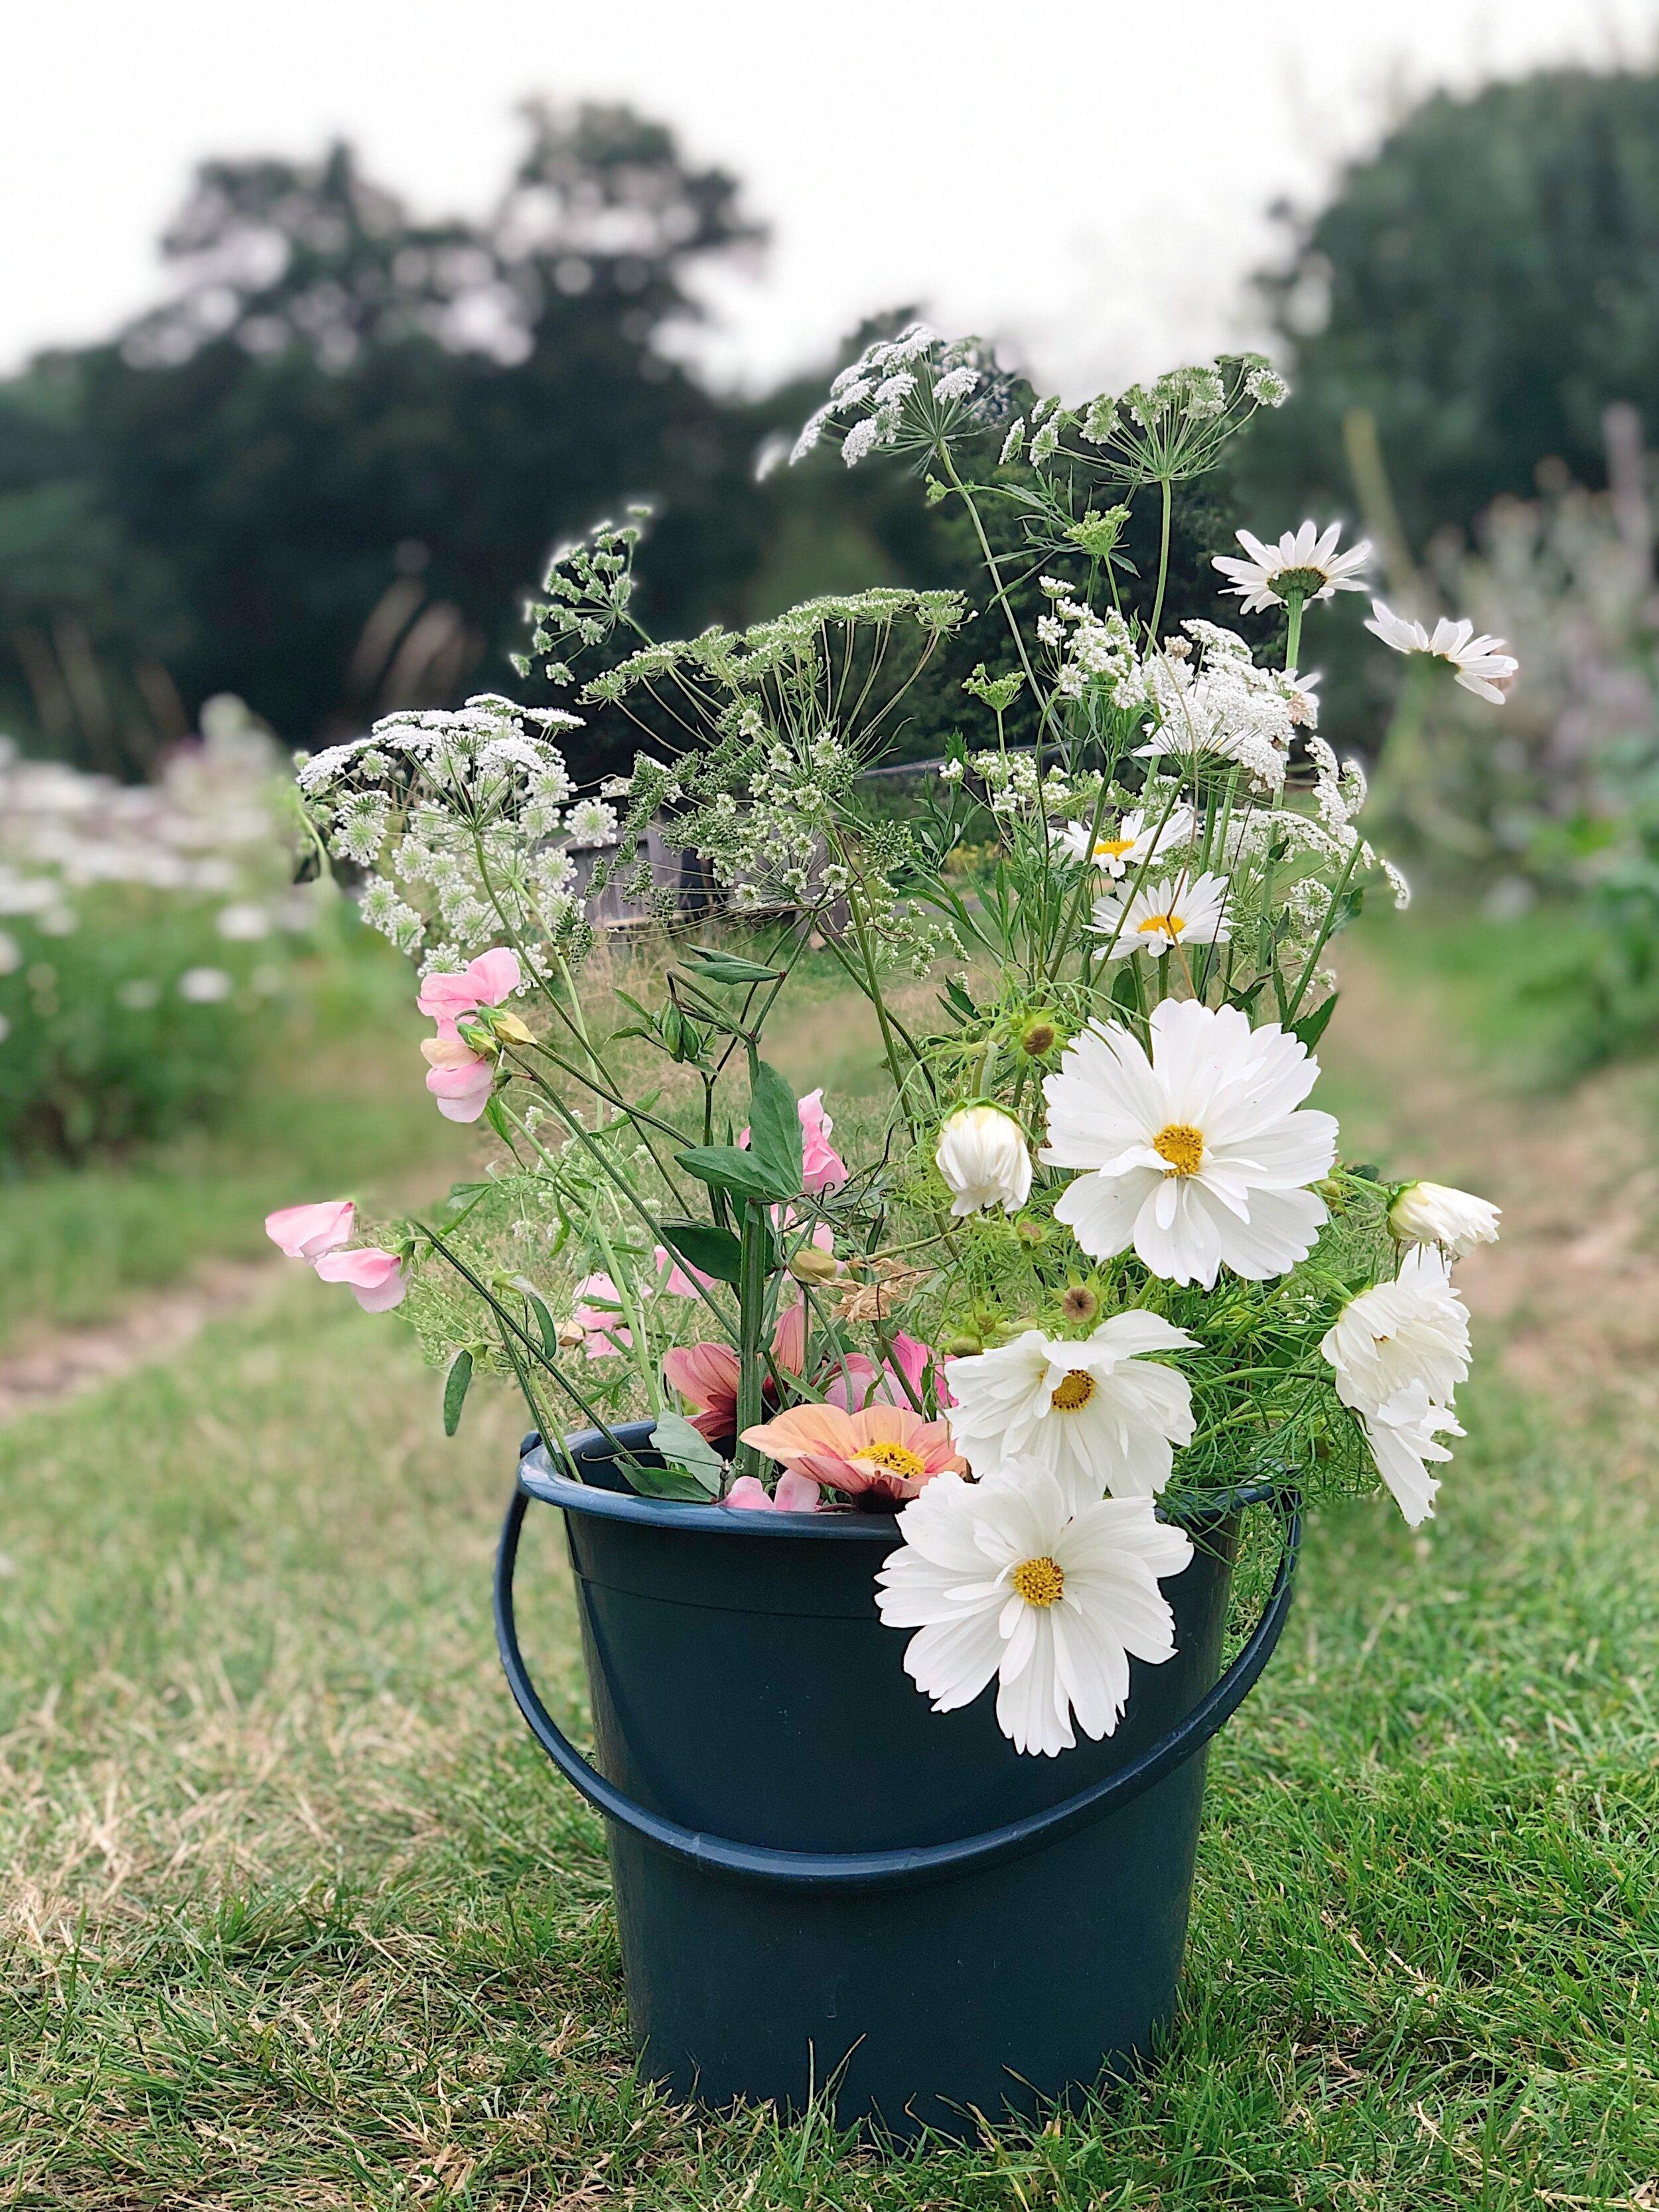 Buckets of happy Cosmos